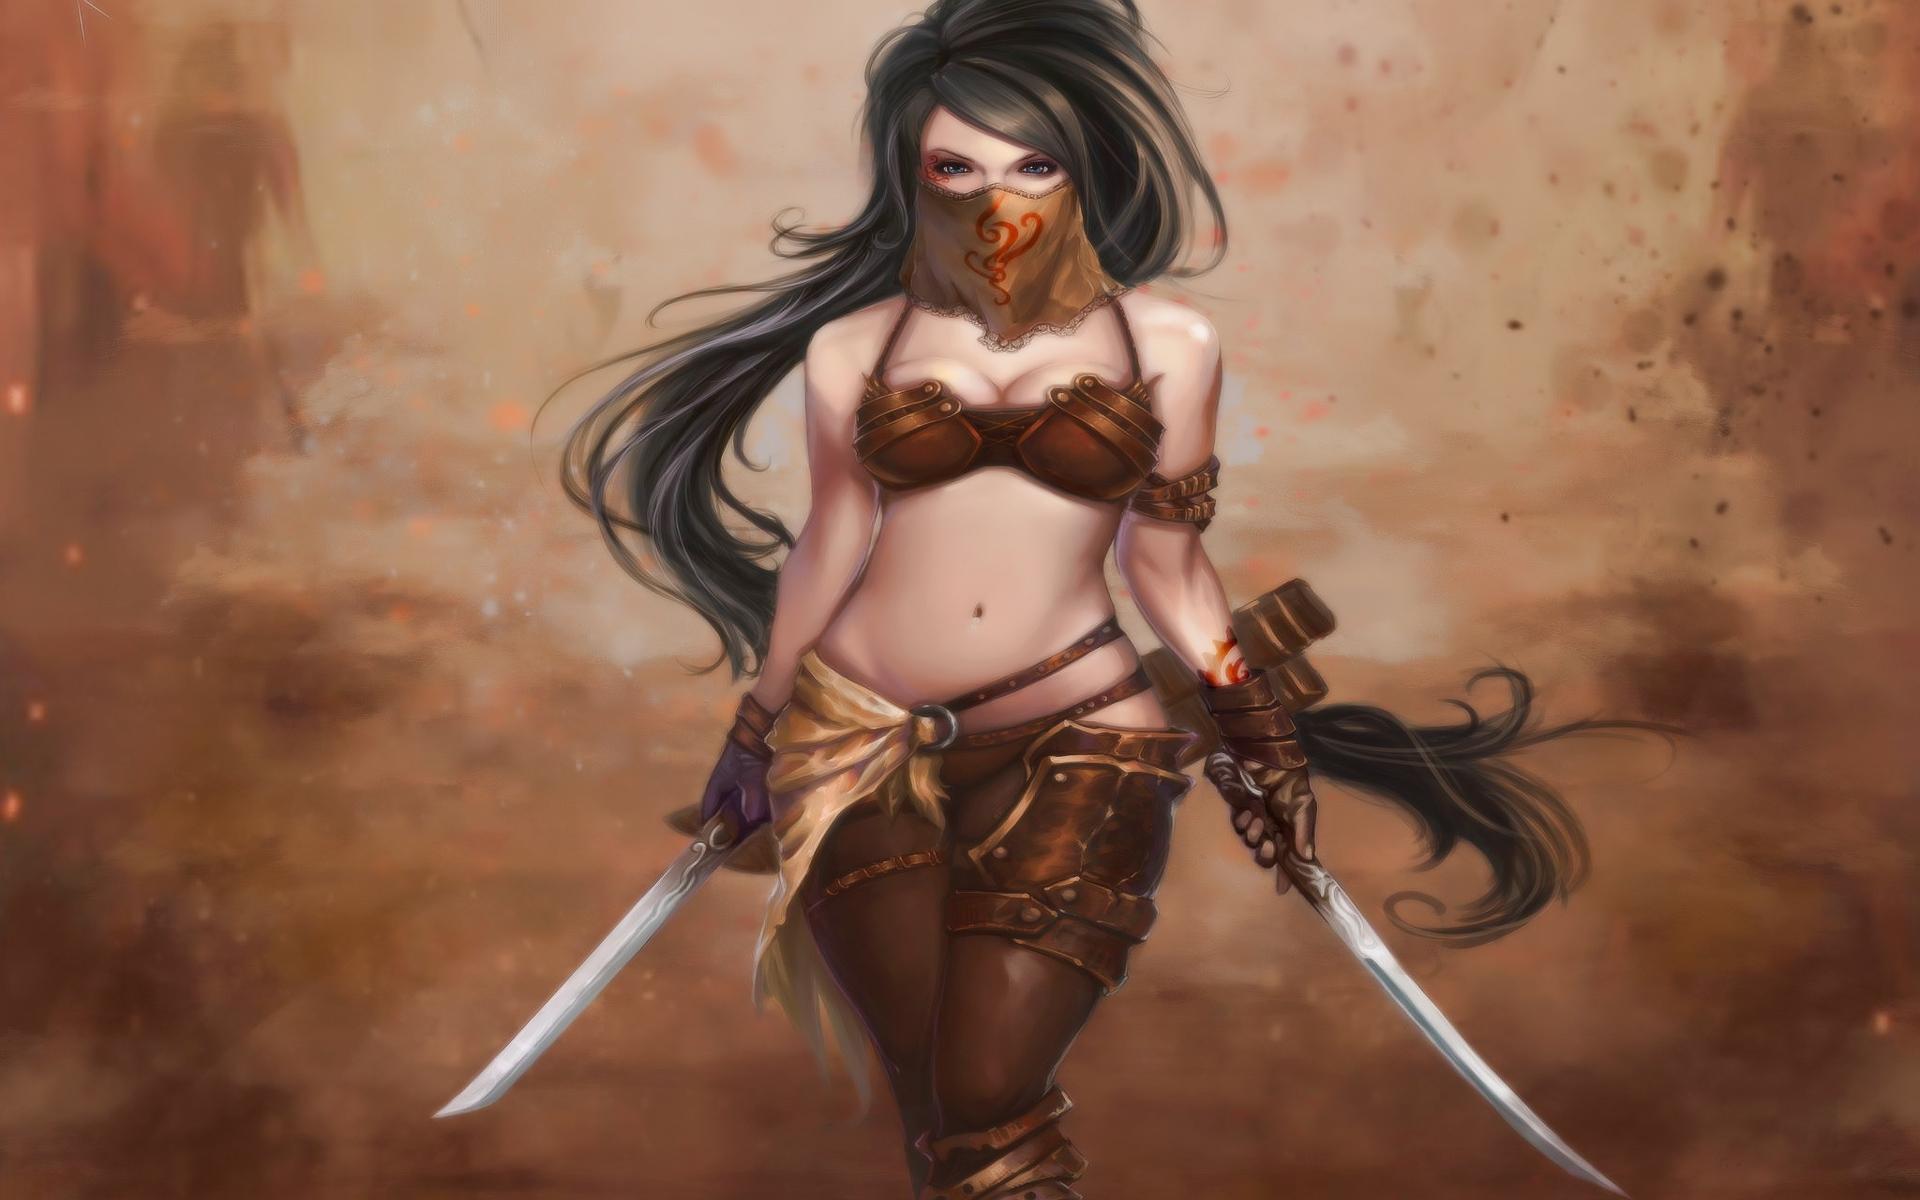 3d hentai babe in armor sexy photo